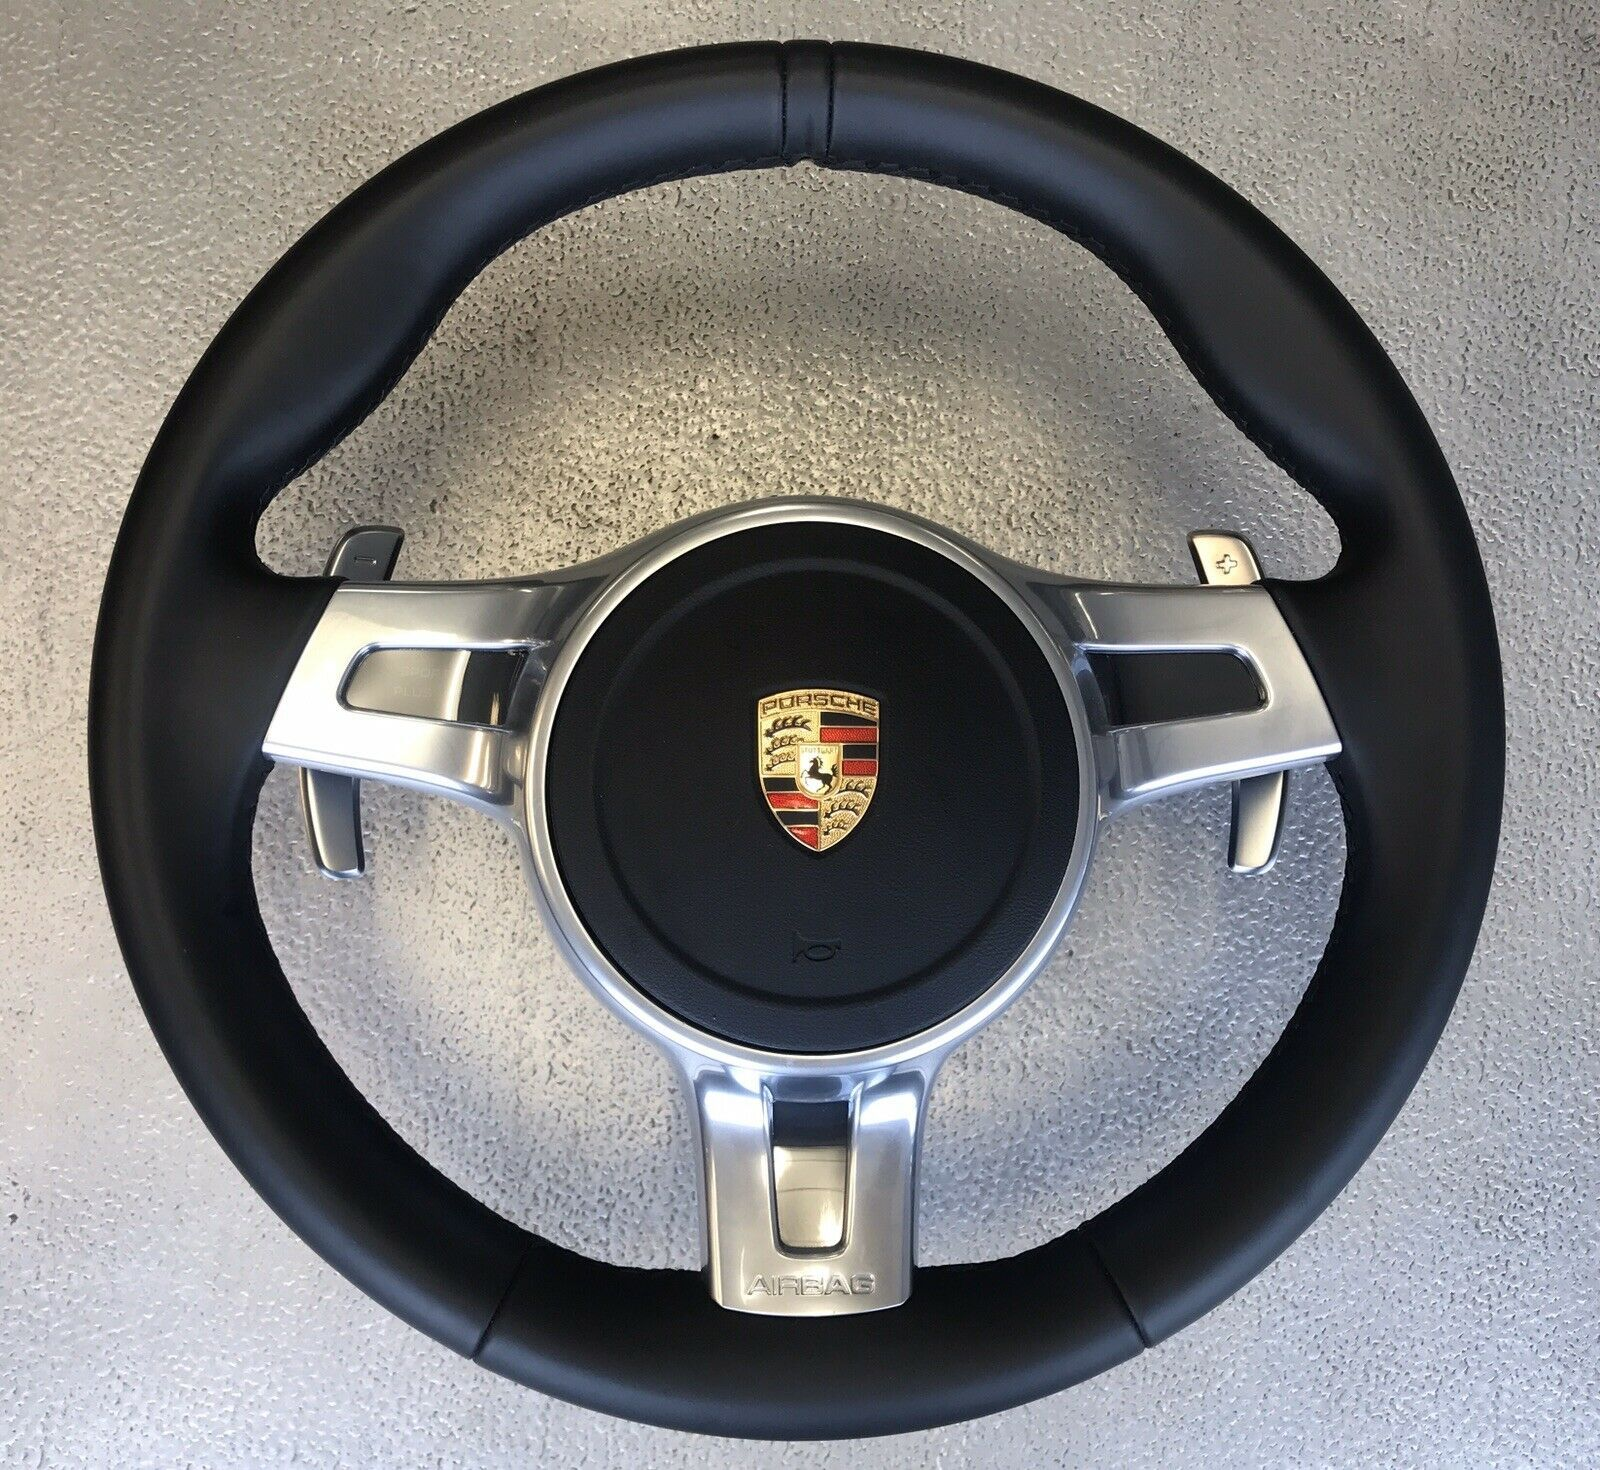 Porsche Pdk Steering Wheel Steering Wheel Wheel Porsche